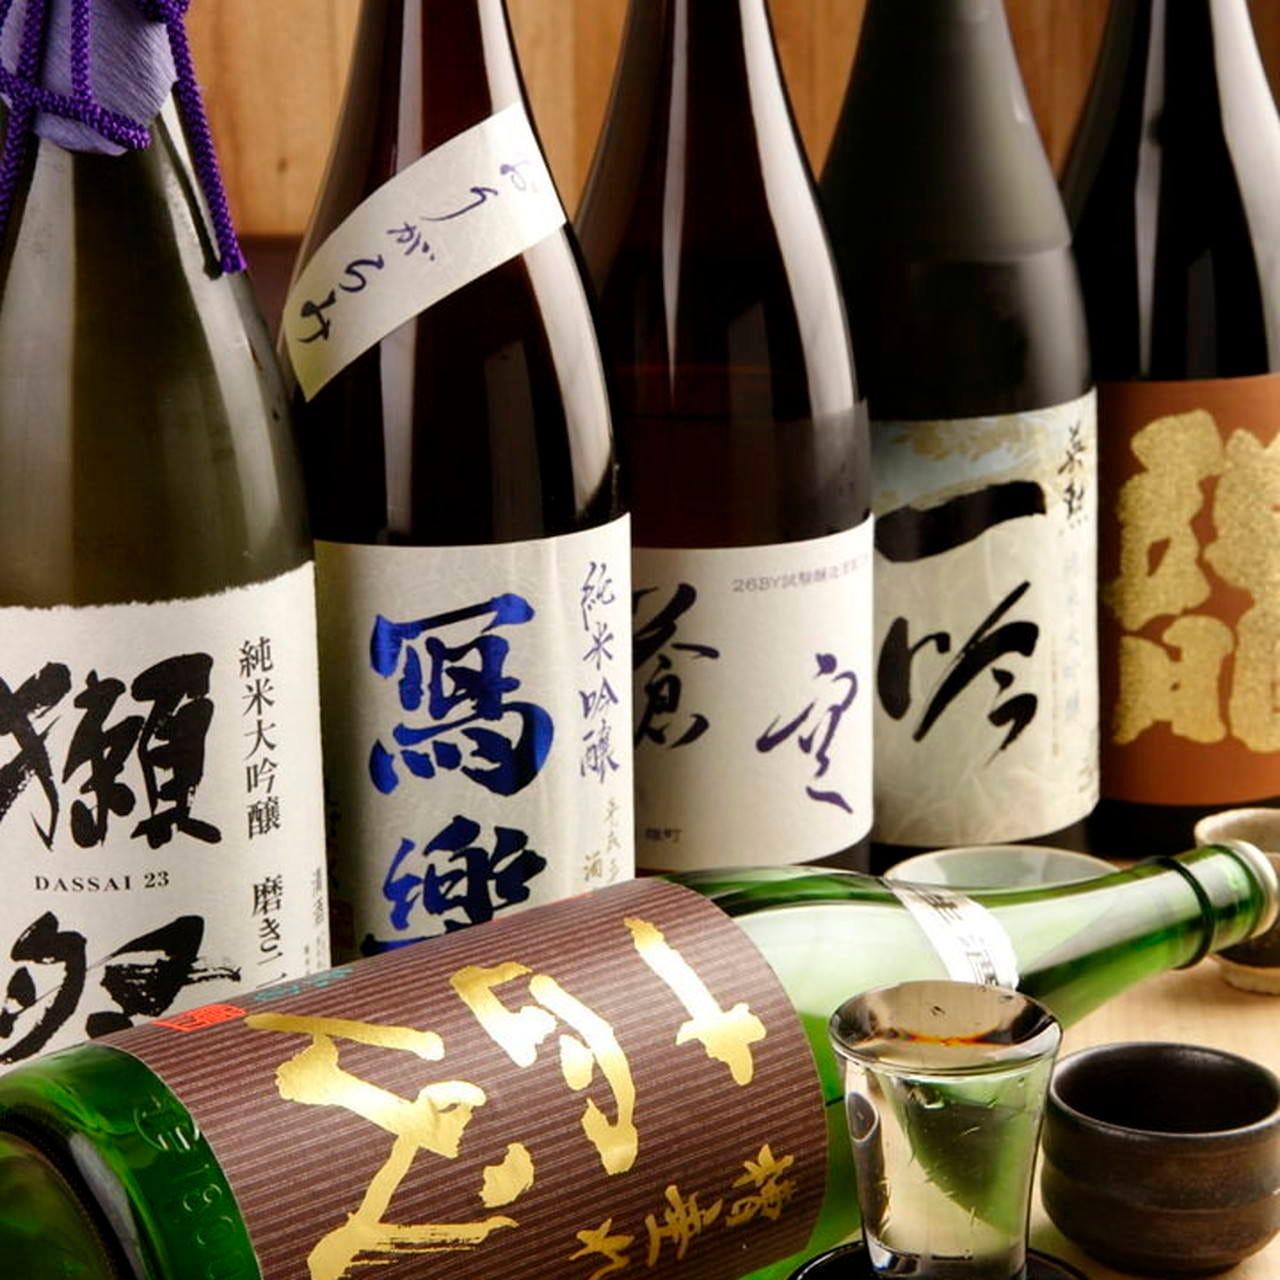 【飲み放題】コースにプラスで注文可!全ての日本酒OKプランも